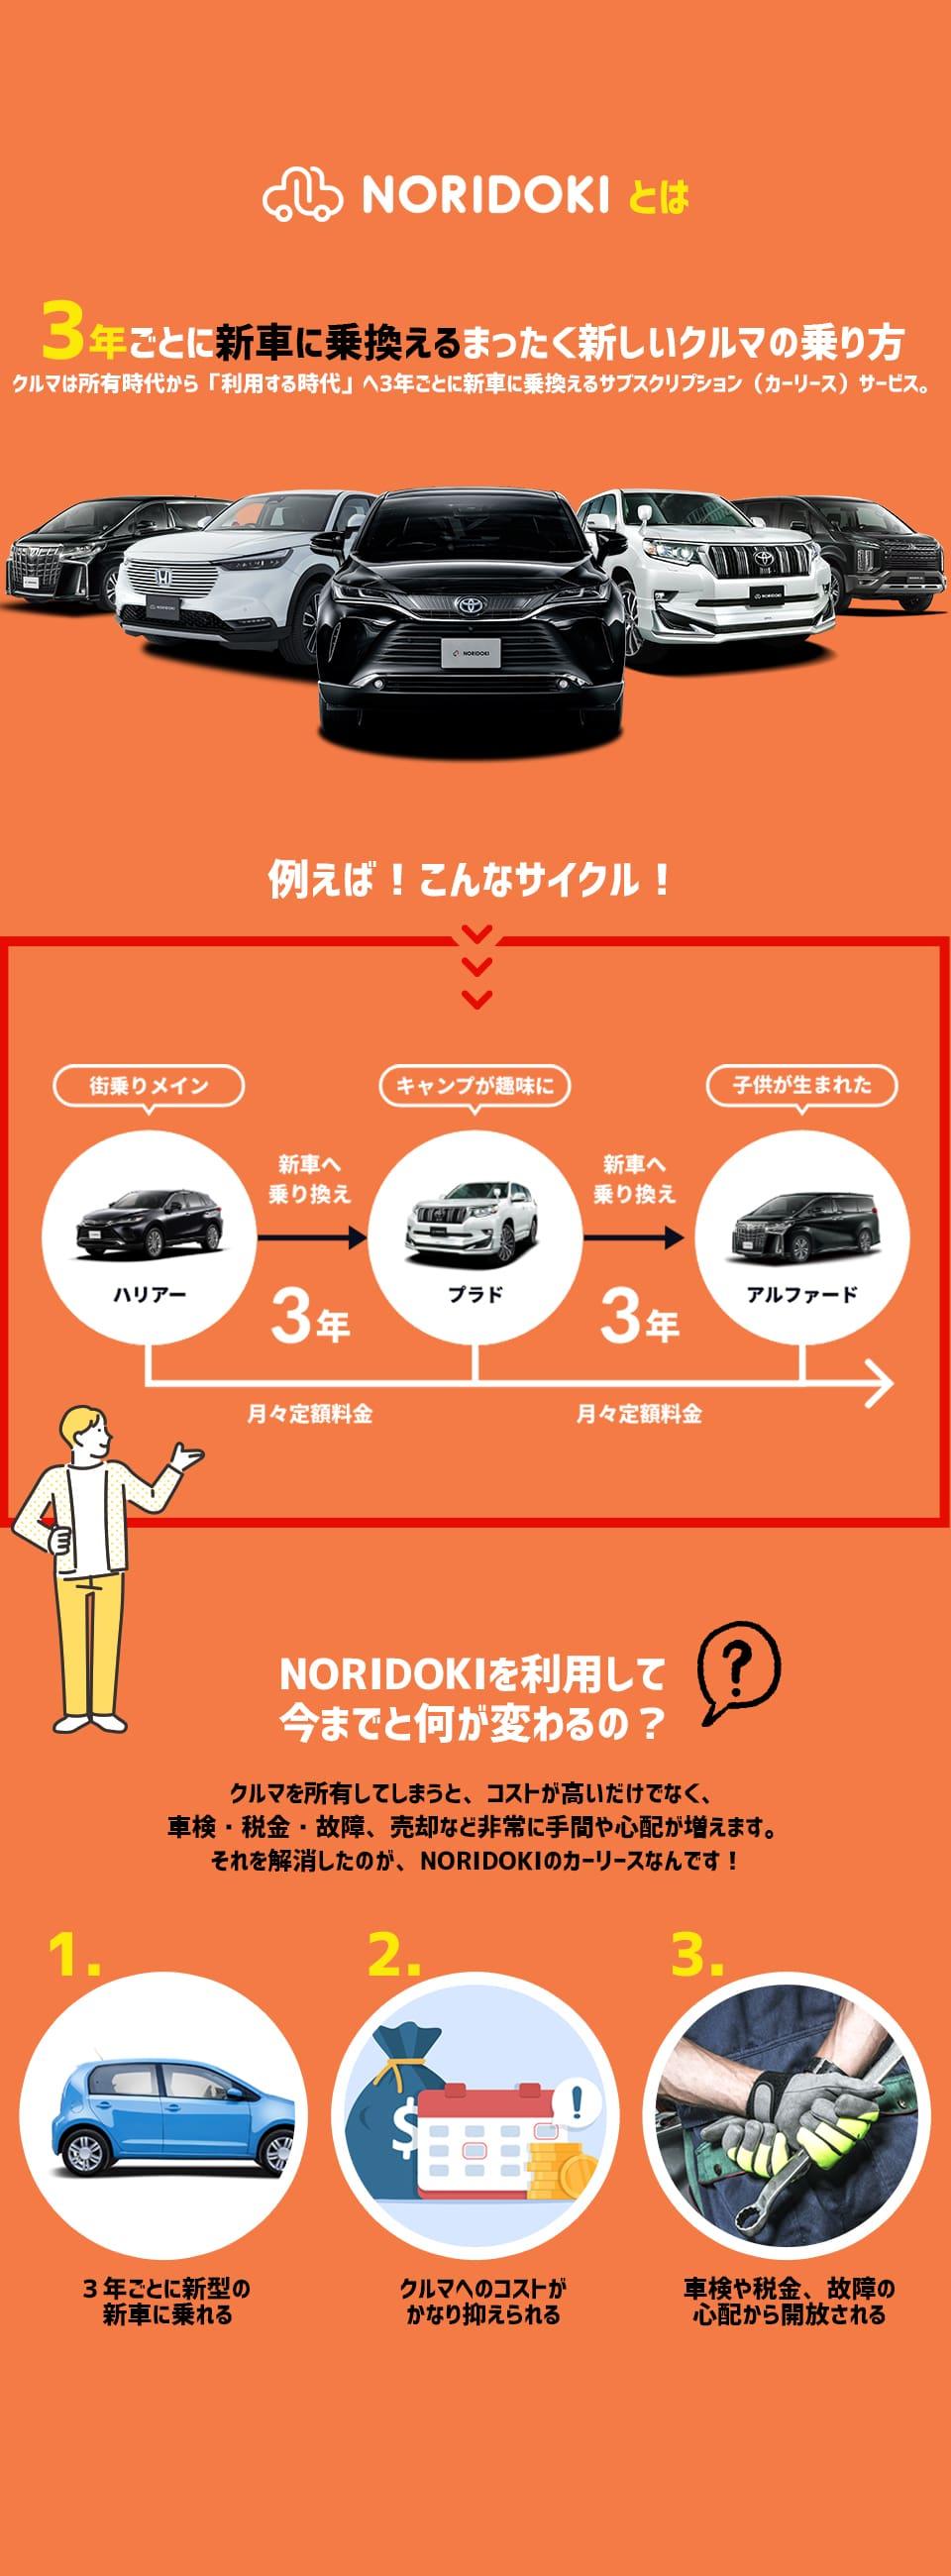 NORIDOKIとは 3年ごとに新車に乗換えるまったく新しいクルマの乗り方